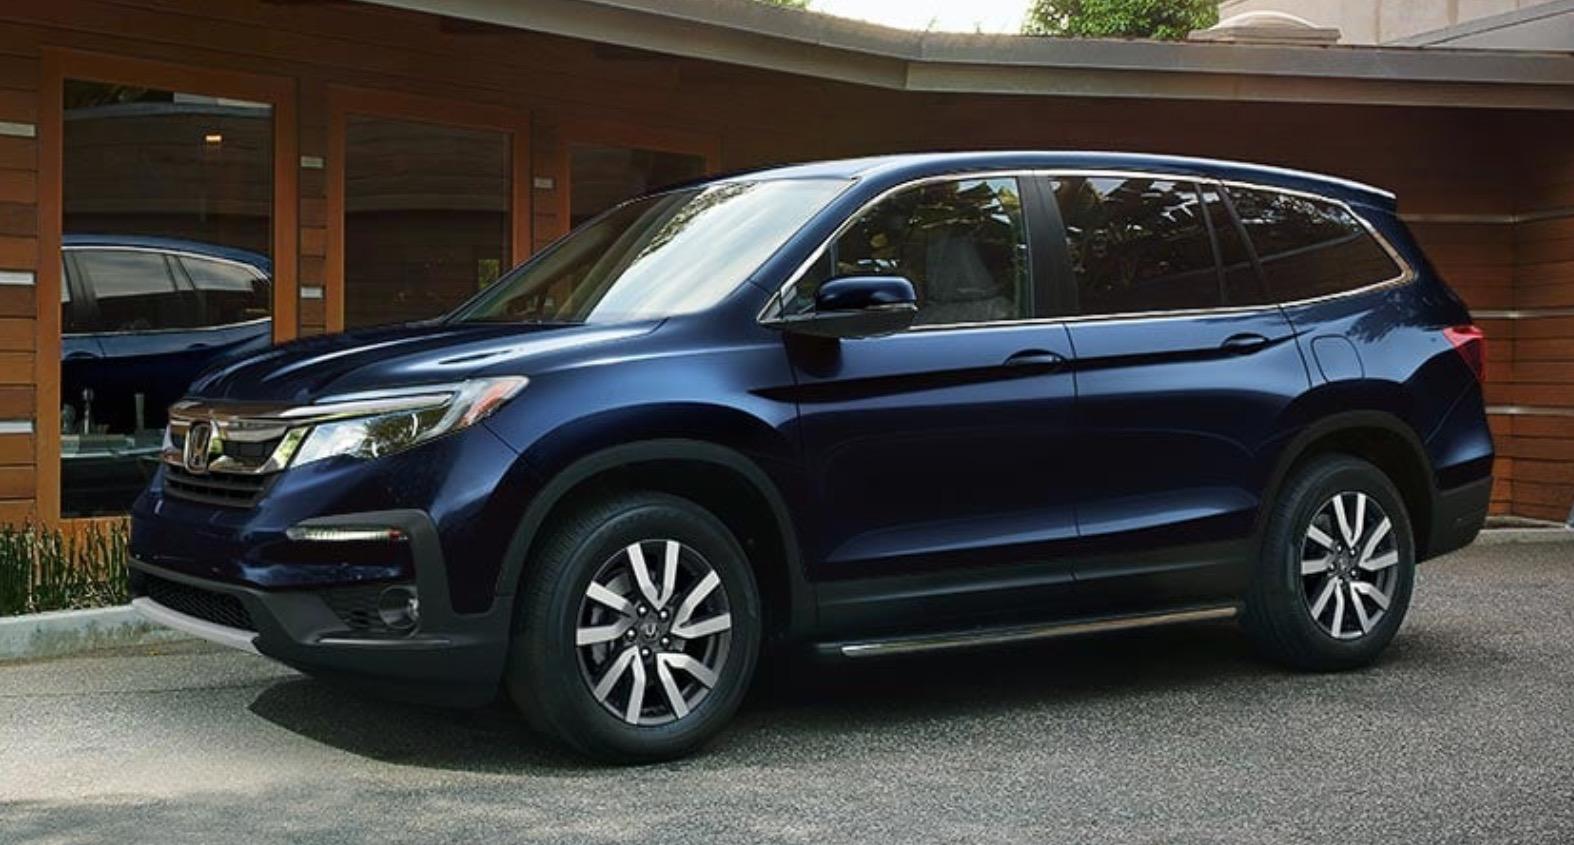 New-2021-Honda-Pilot